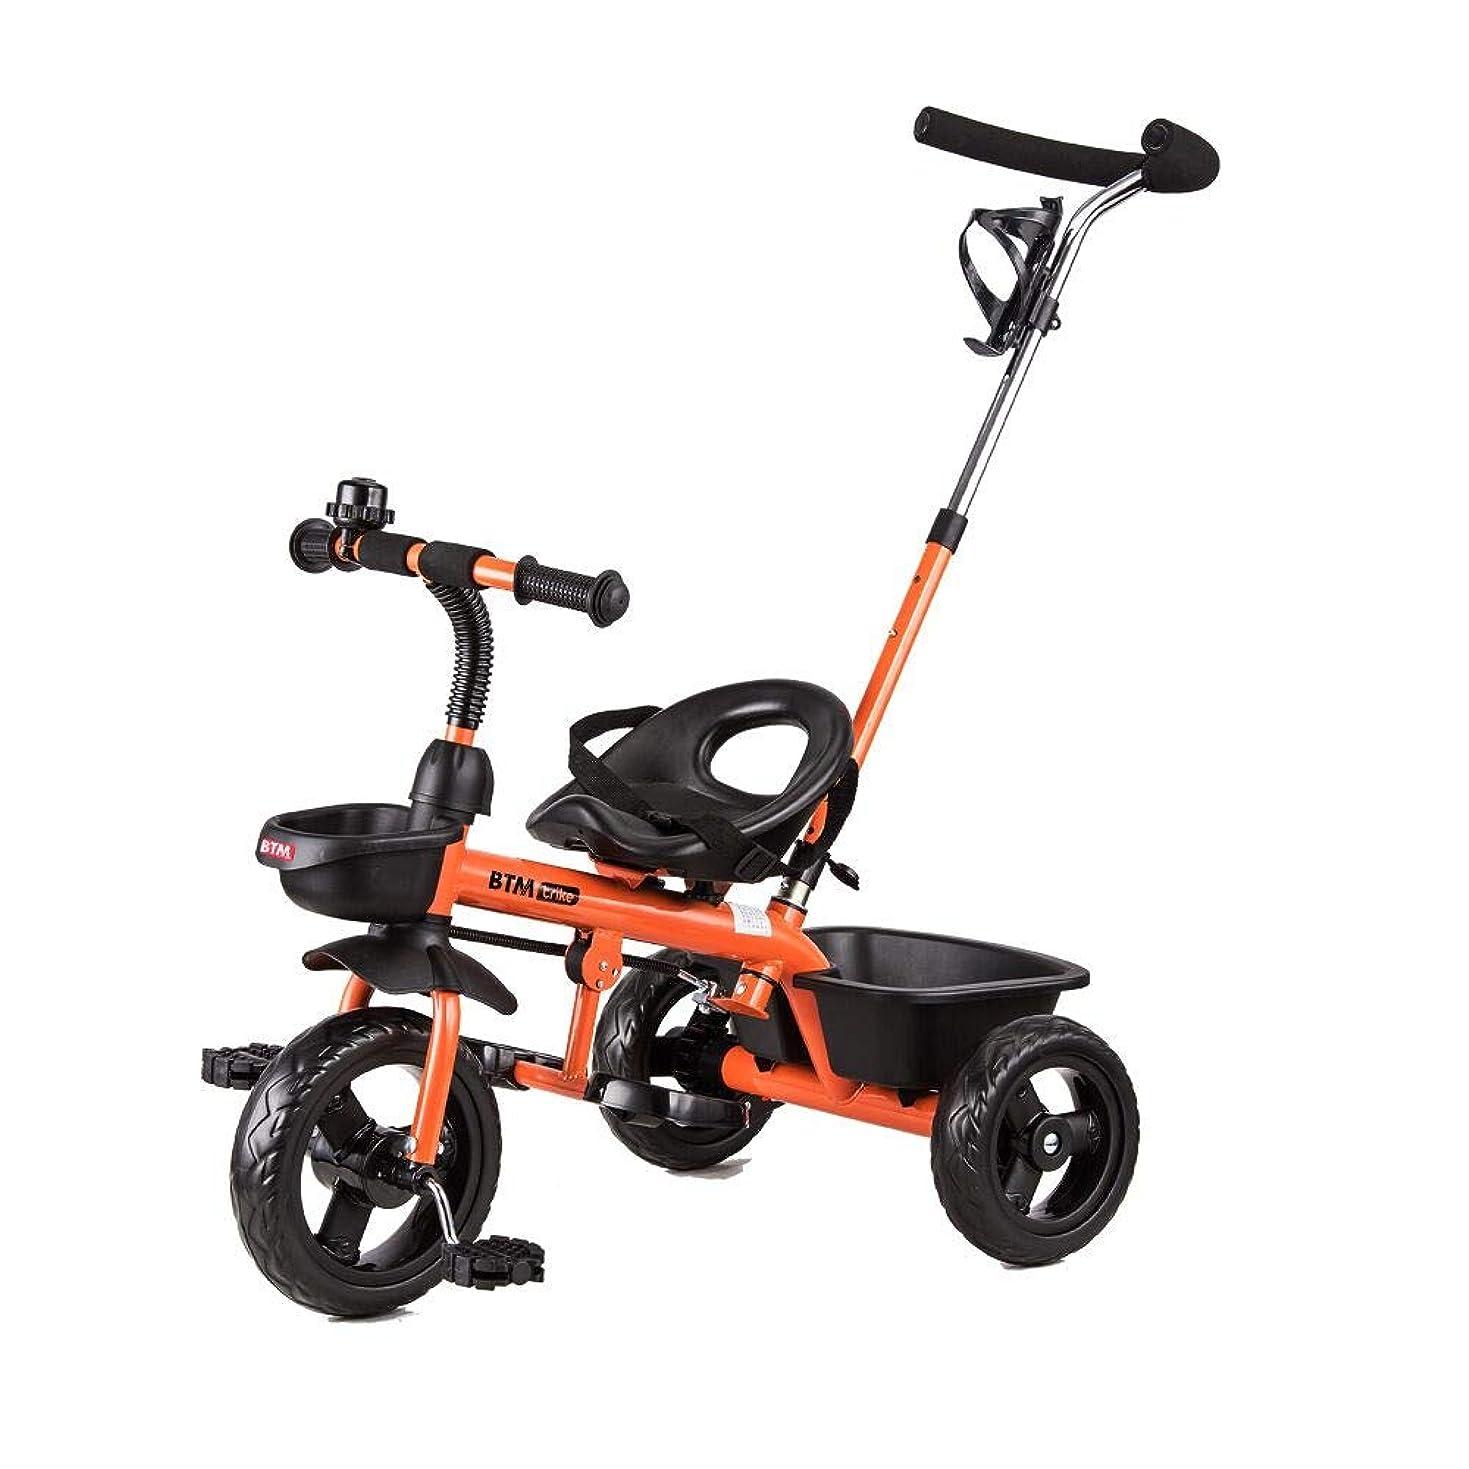 授業料に同意する突破口Company.J 子供用三輪車 子供用自転車 乗用玩具 キッズバイク ランニングバイク 1.5~5歳 1年安心保証 (オレンジ)